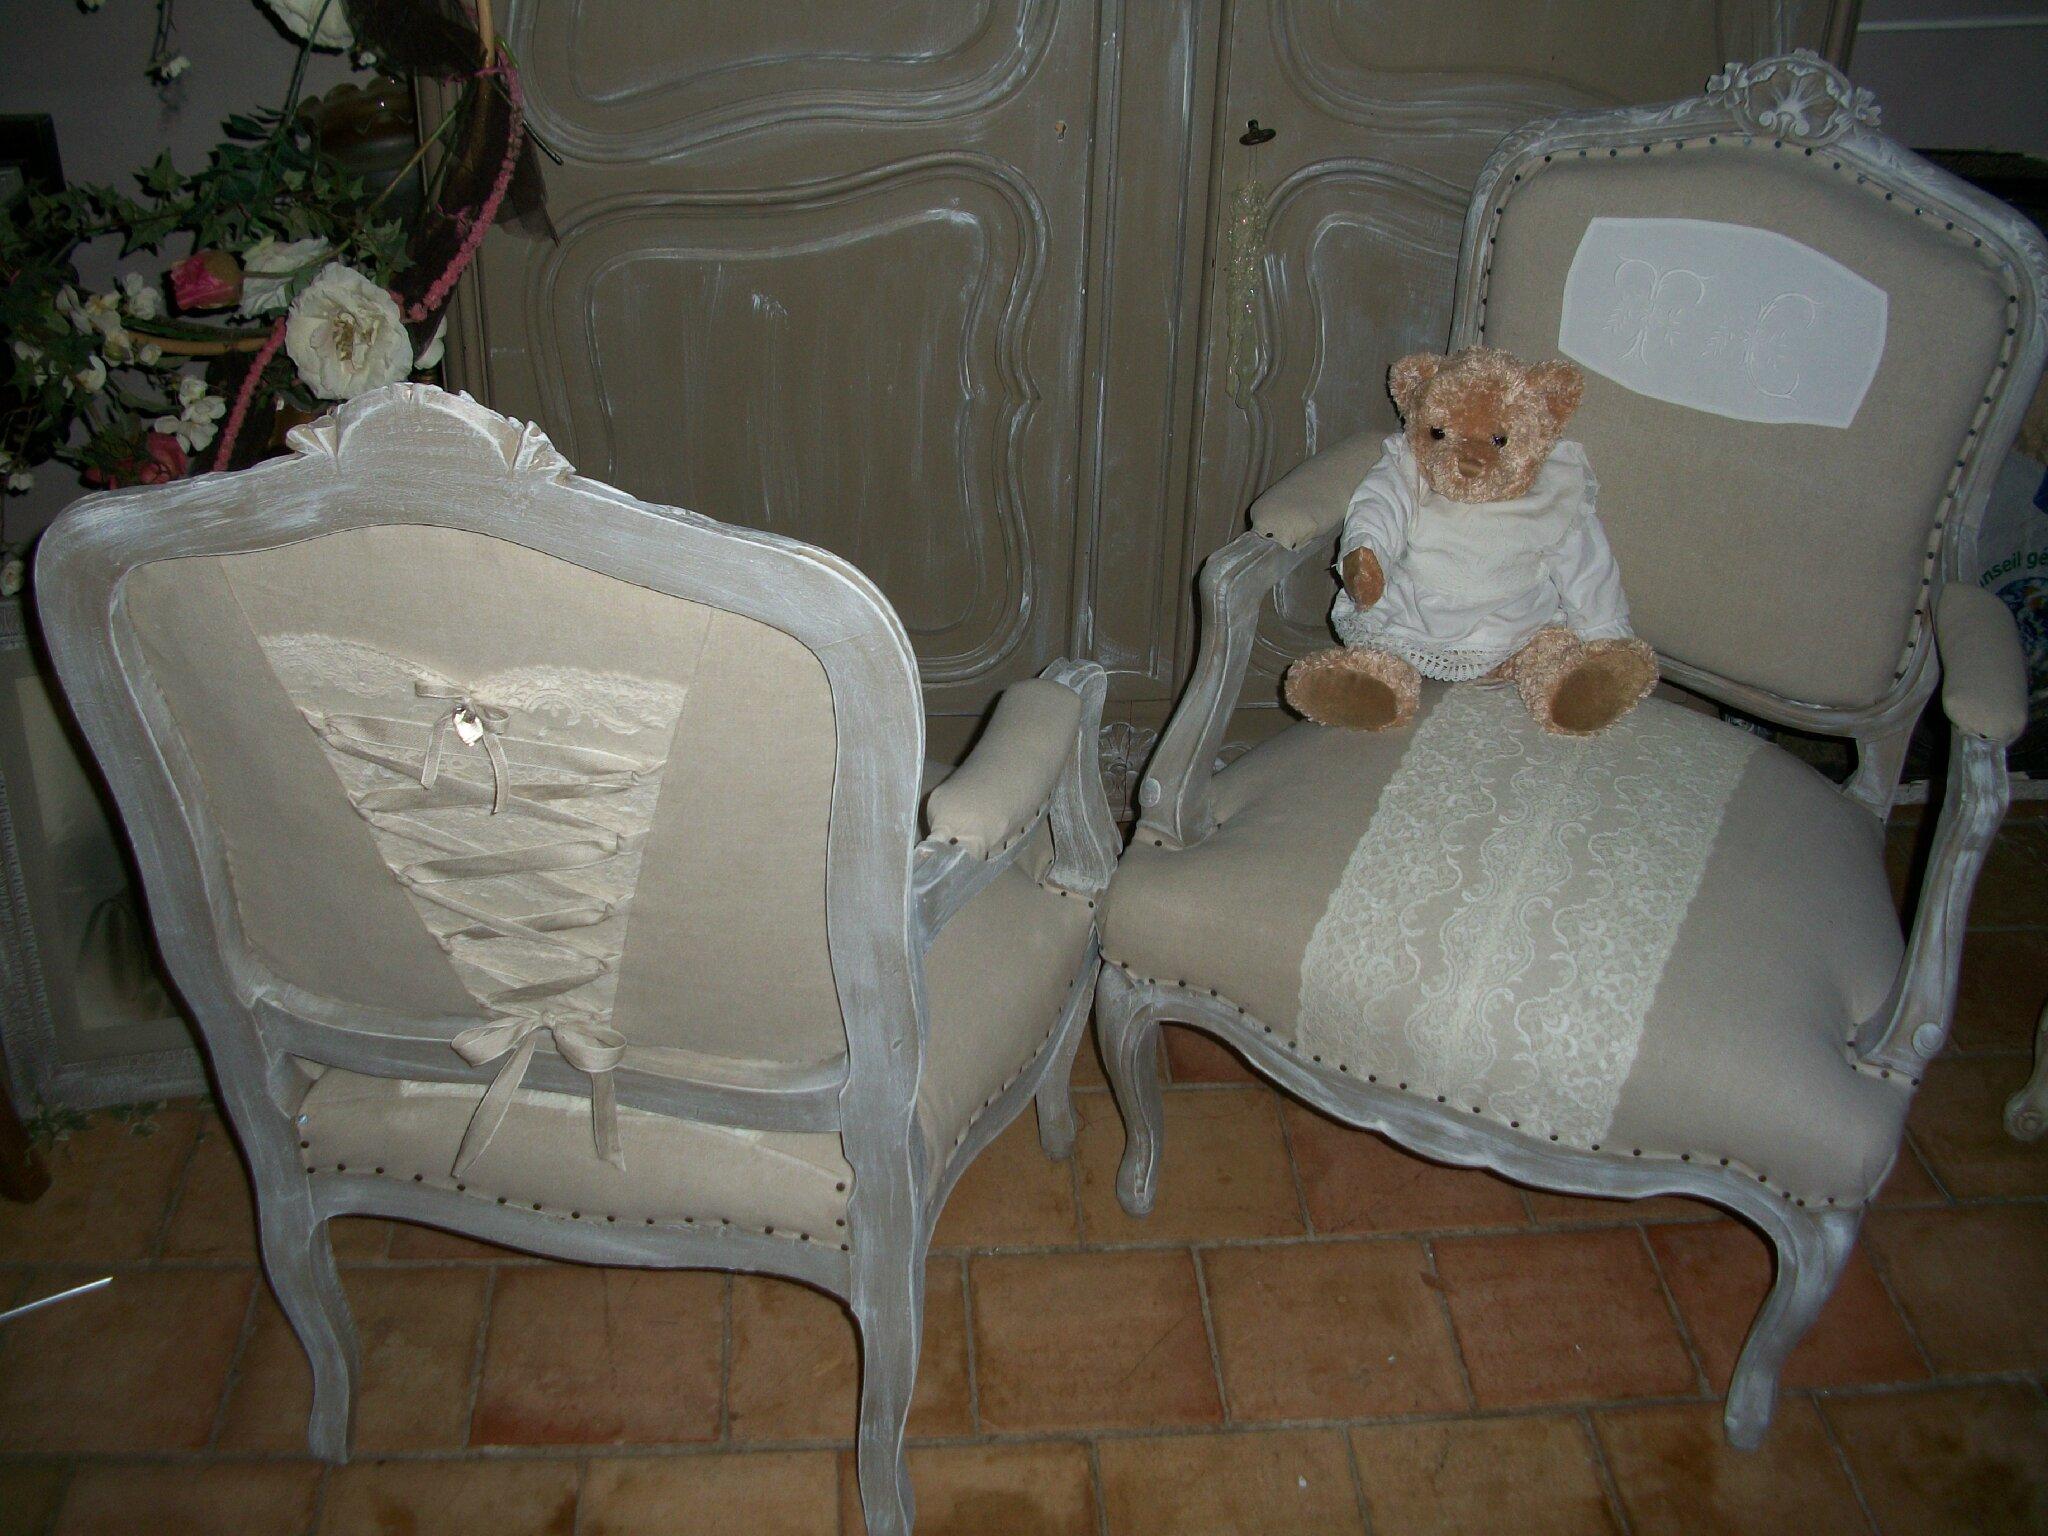 fauteuils à l'heure du recyclage